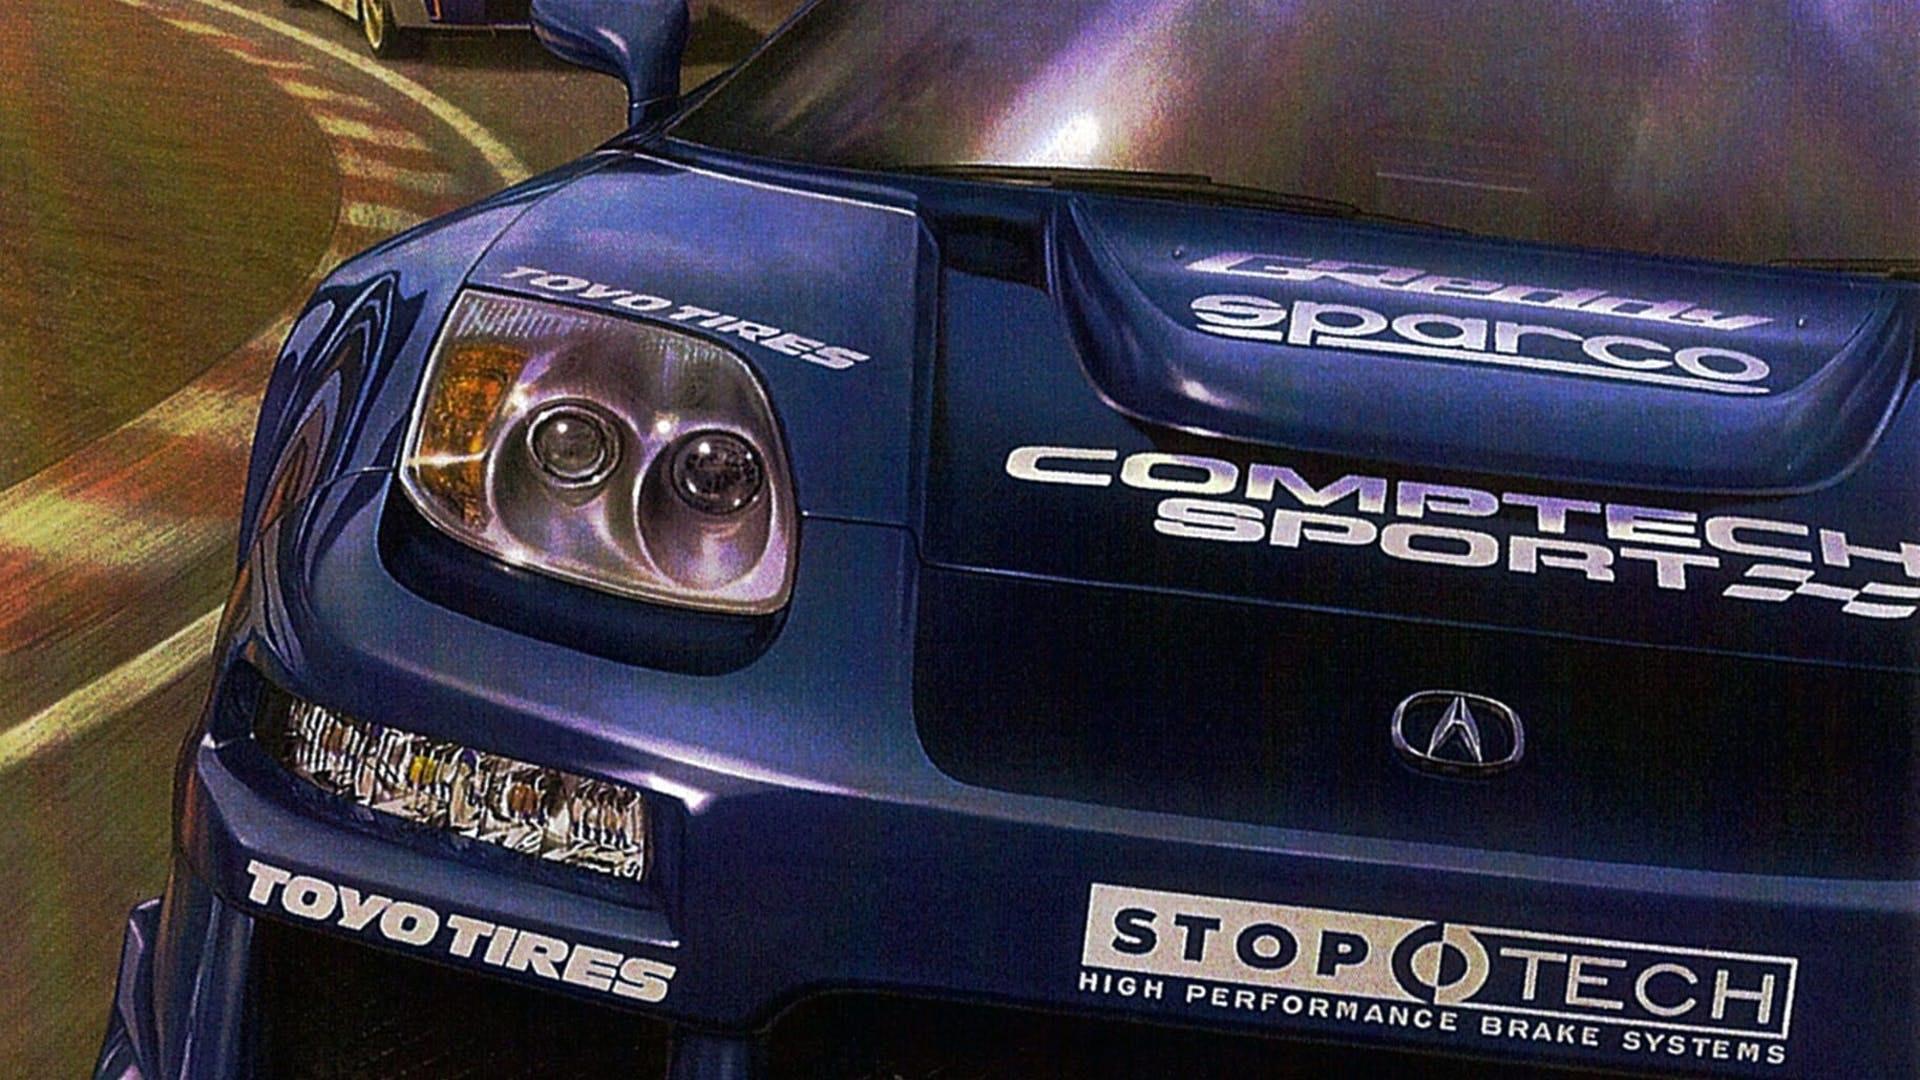 Forza Motorsport Soundtrack